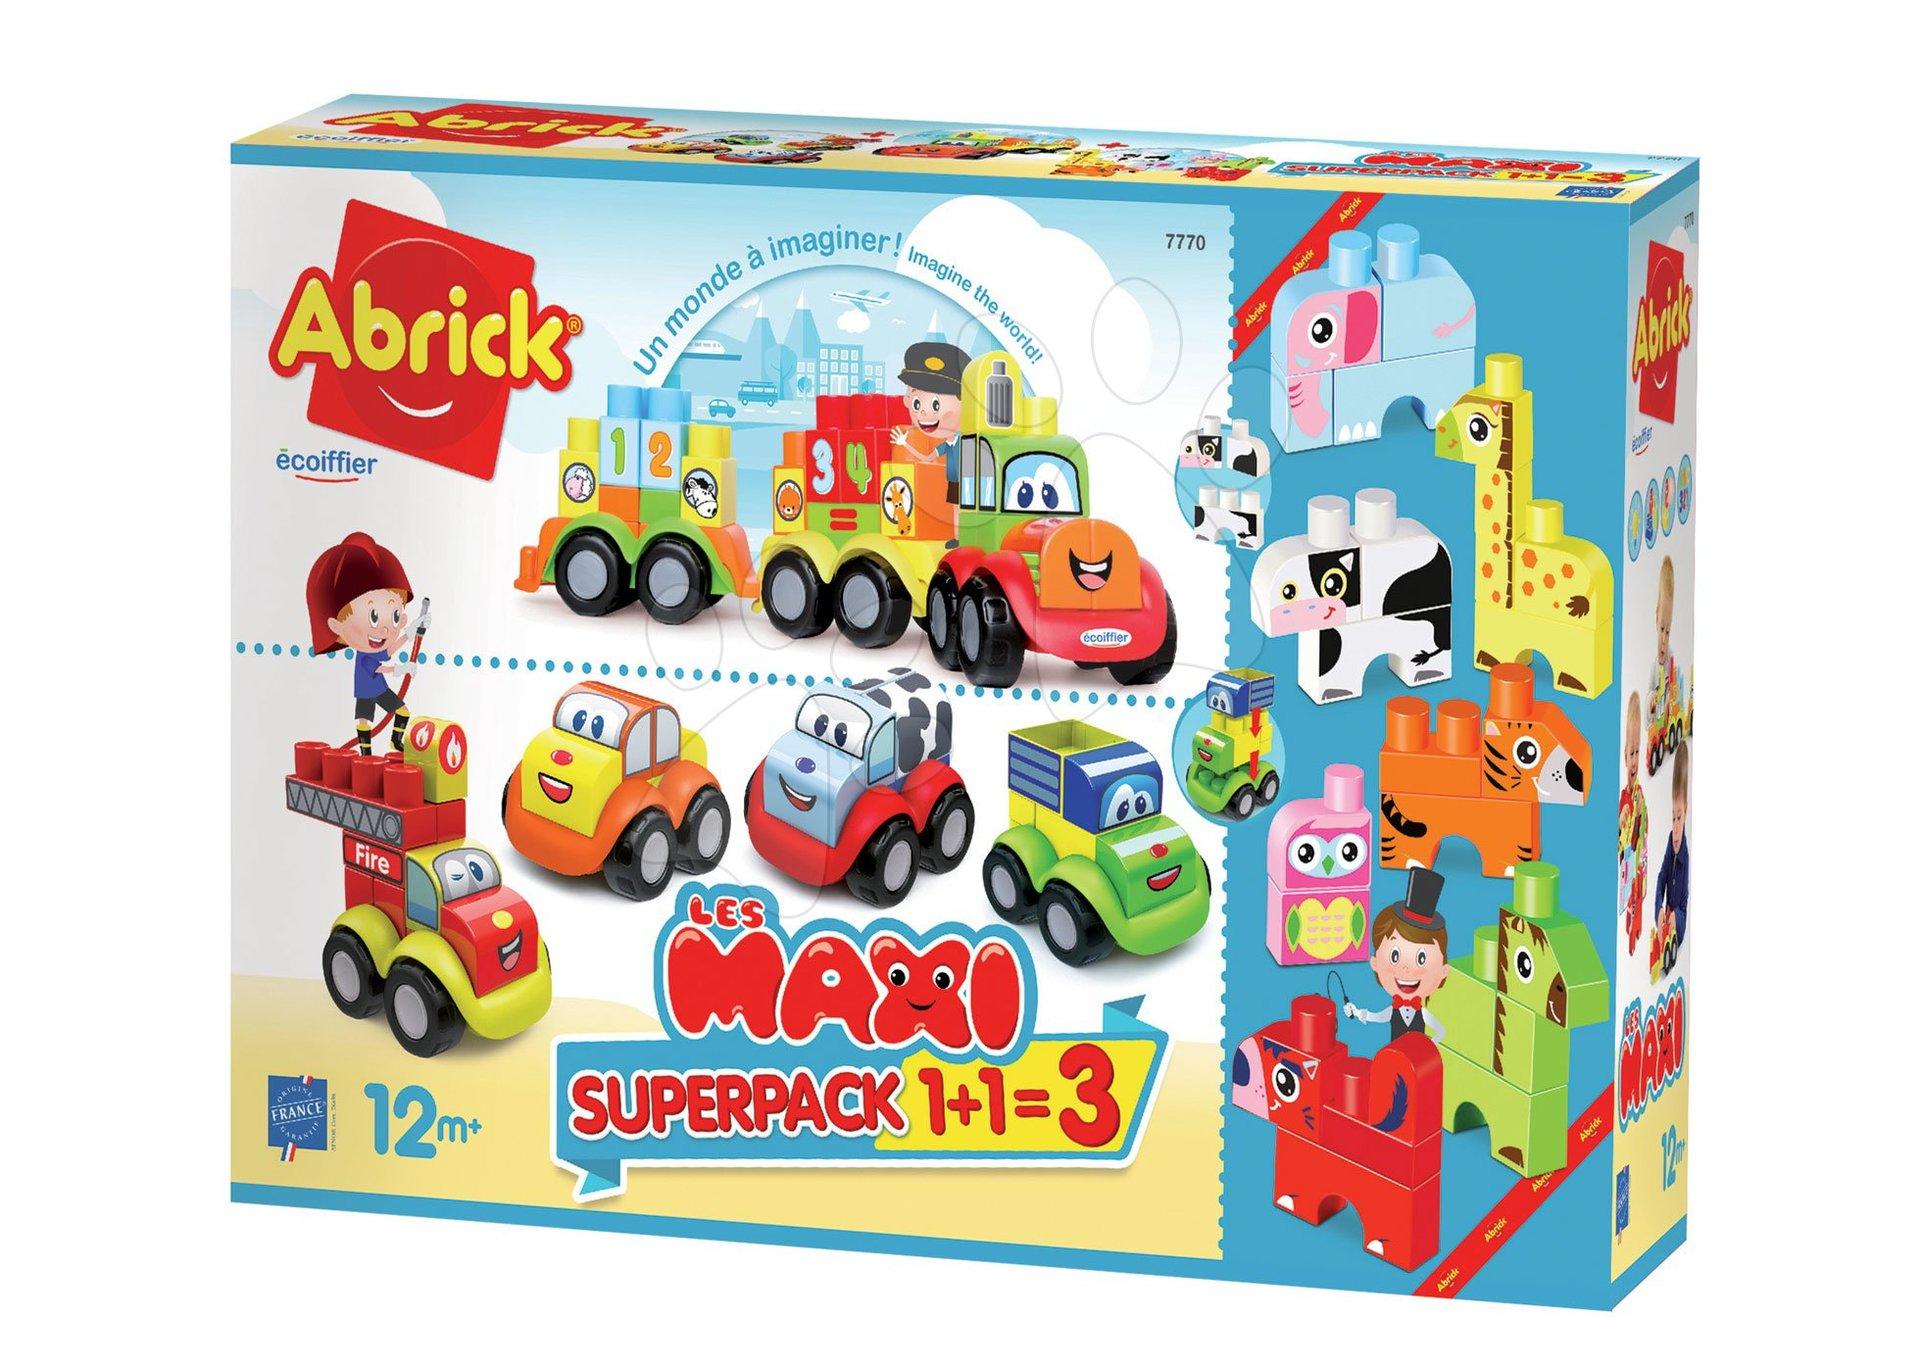 Kocke Maxi Abrick Superpack 3v1 živalce, avtomobili in vlakec Écoiffier velike kocke z IML potiskom od 12 mes